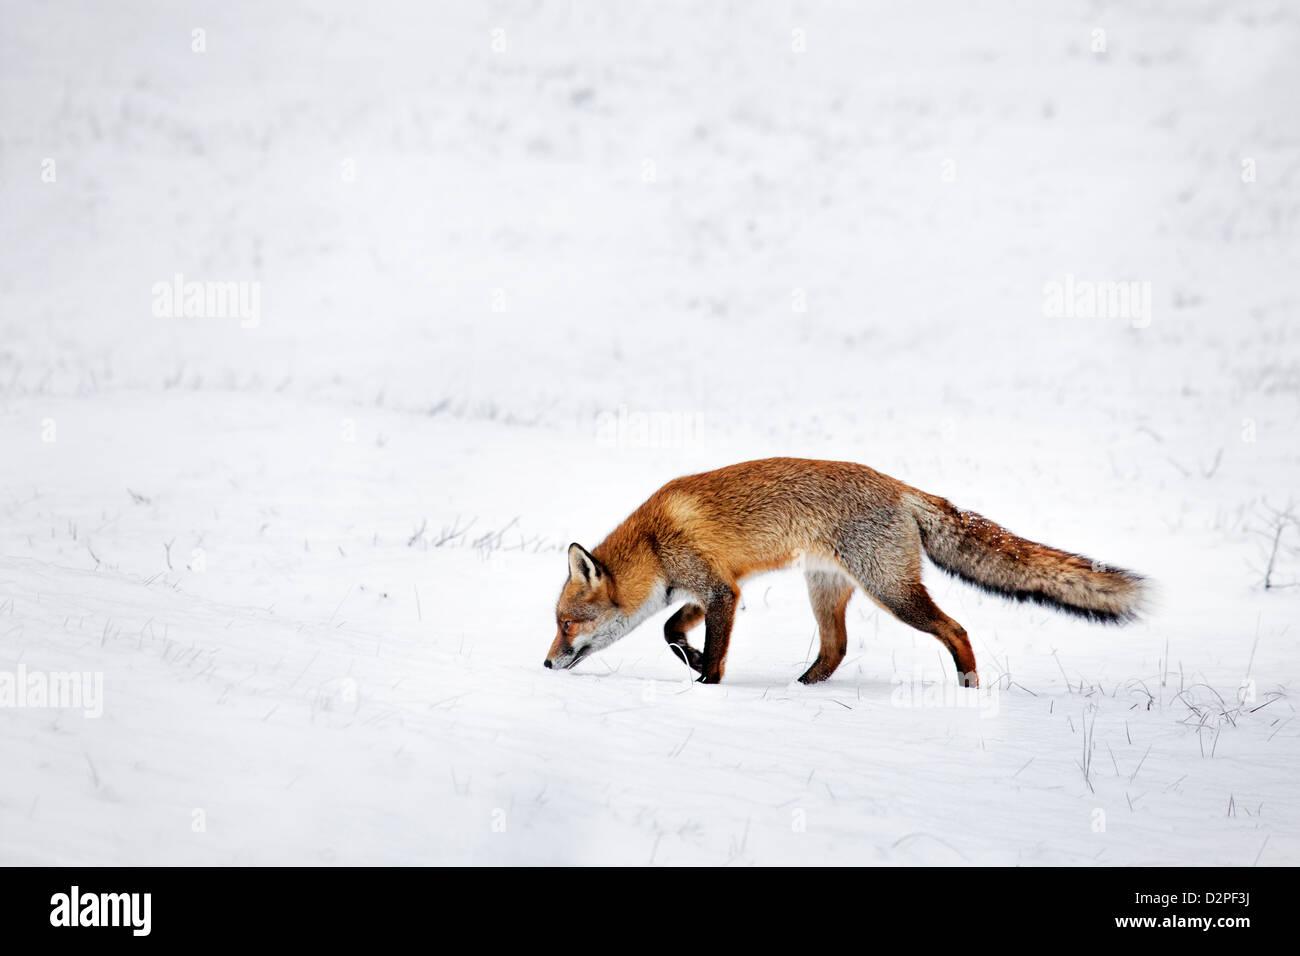 La chasse le renard roux (Vulpes vulpes) à la suite de l'odeur par sentier des proies dans les prairies couvertesBanque D'Images